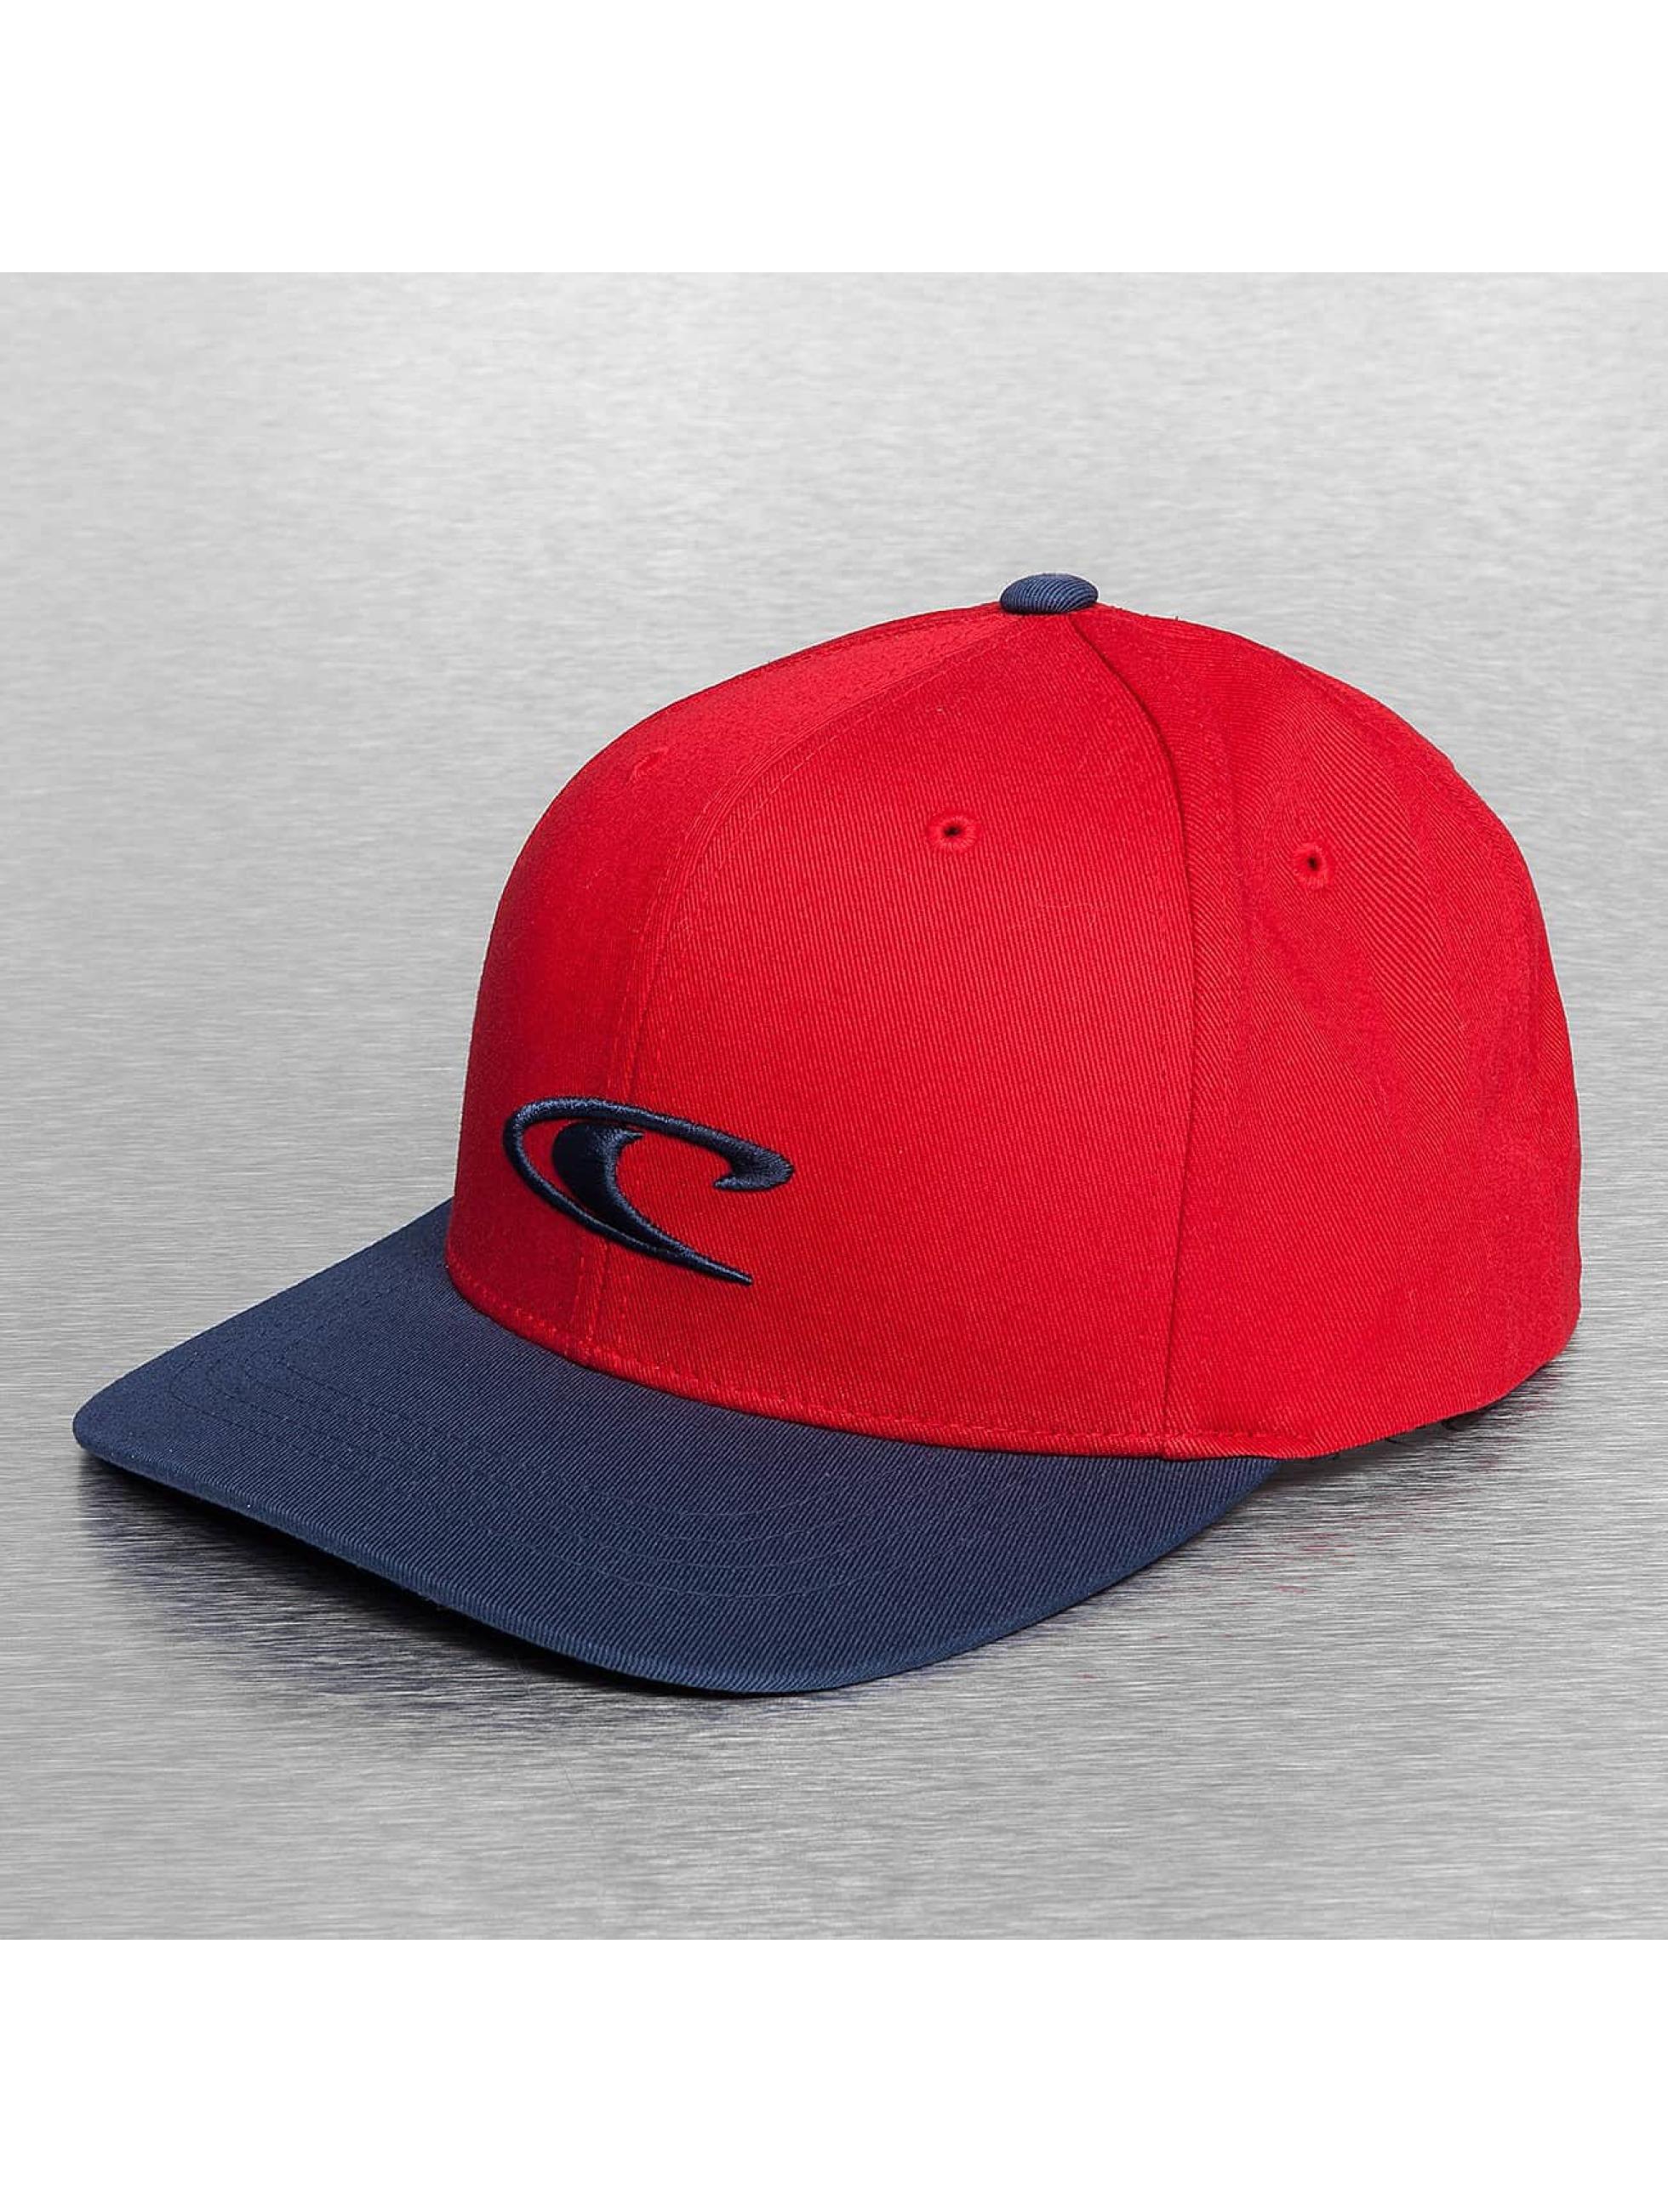 O'NEILL Snapback Cap Logo red